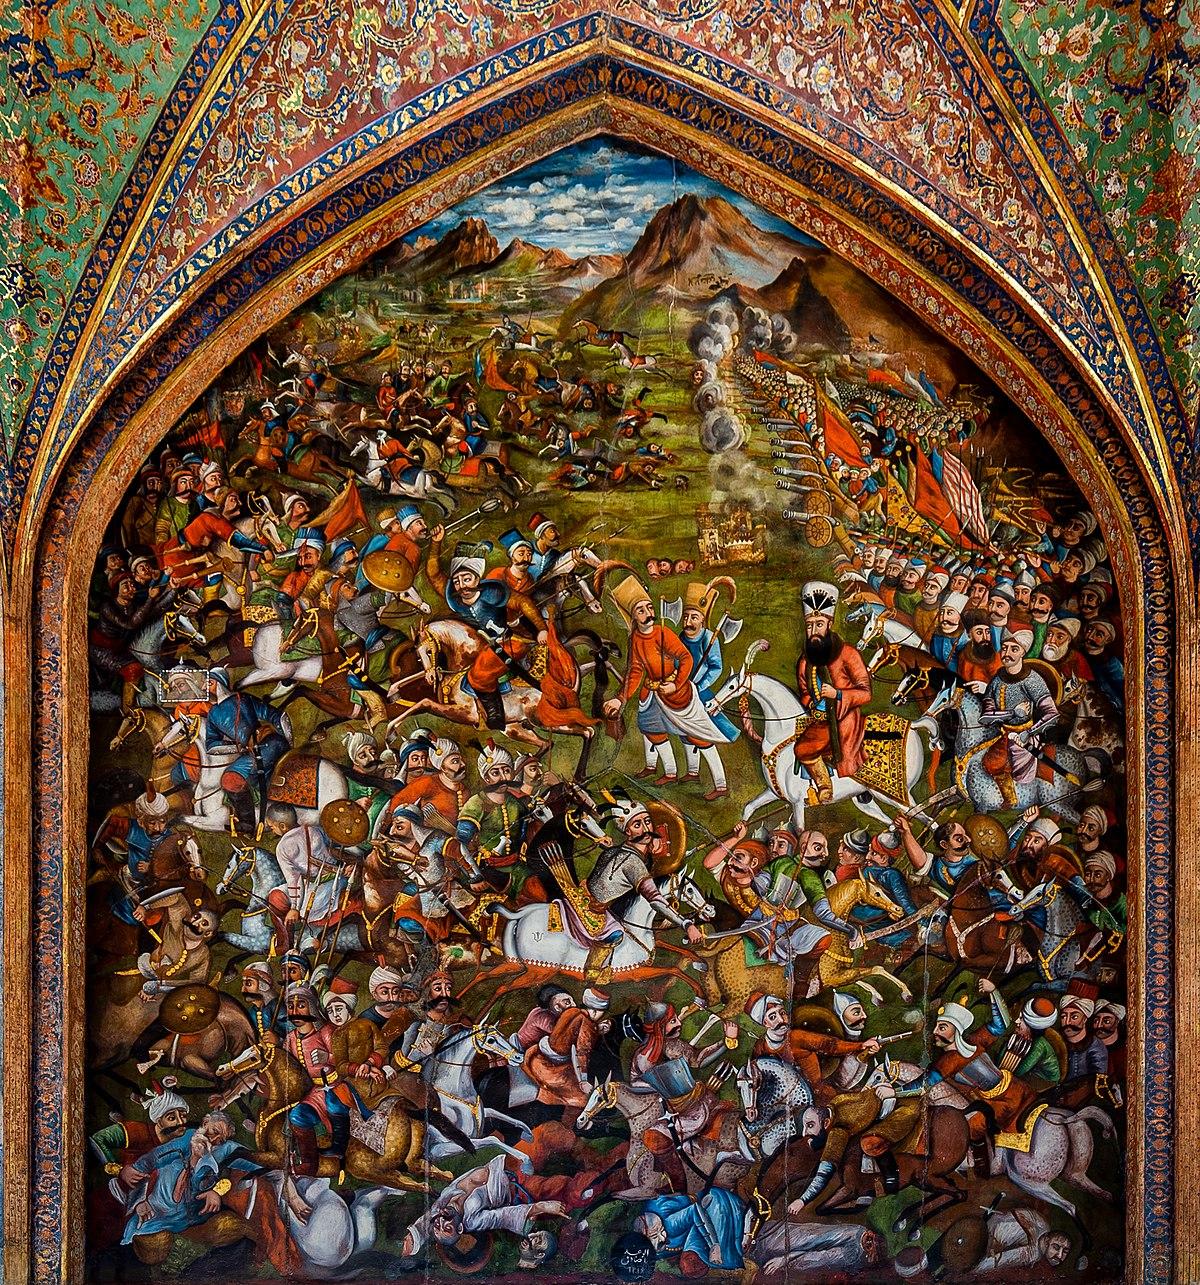 جنگ چالدران در زمان کدام پادشاه صفوی بود